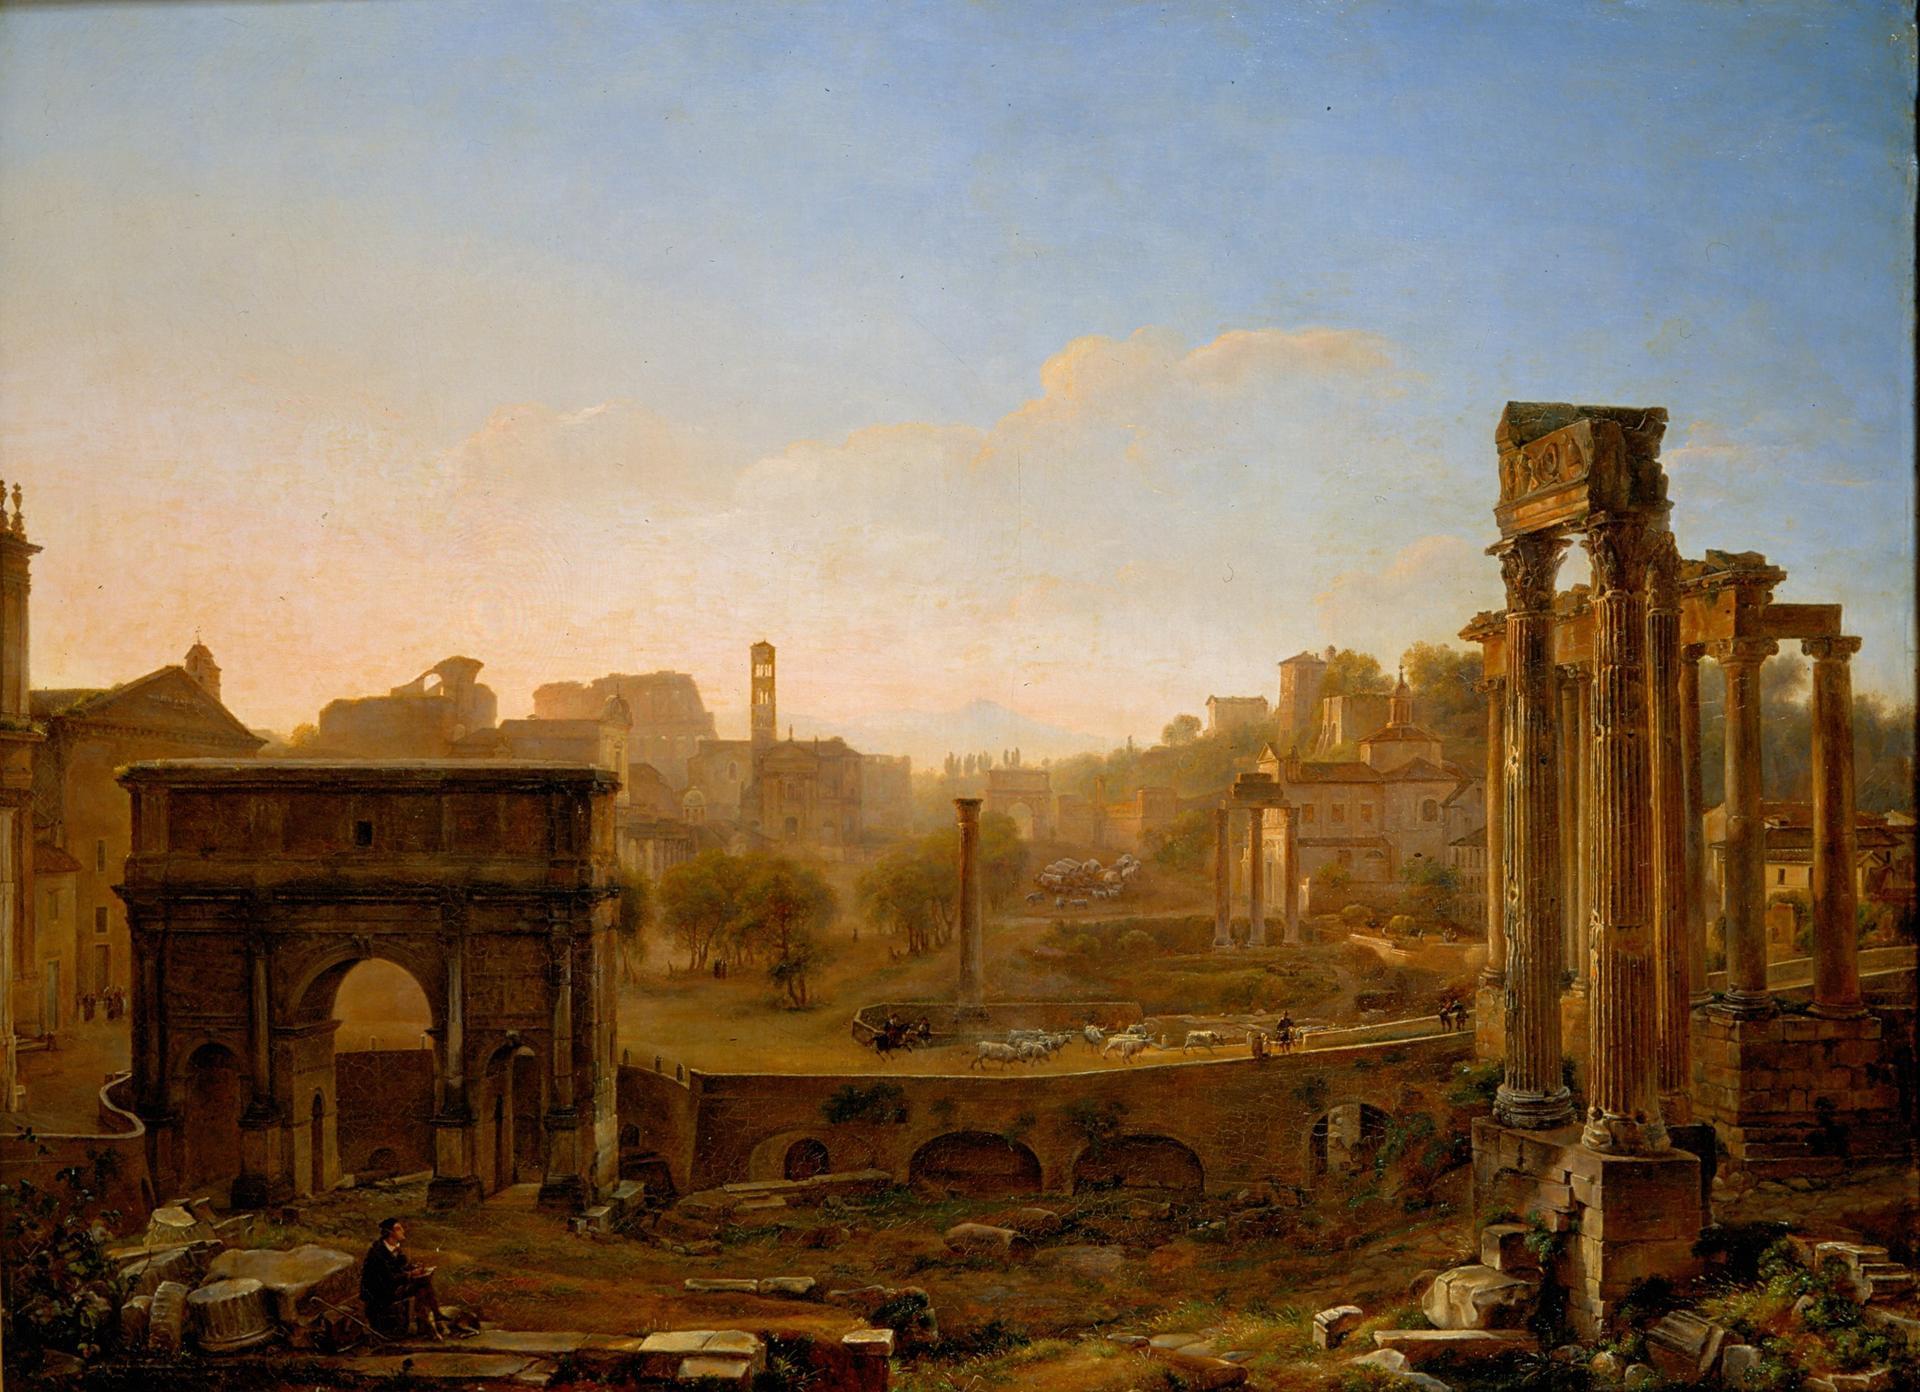 sarazin_de_belmont_louise_josephine-vue du forum le matin 1865 musee beaux arts de tours